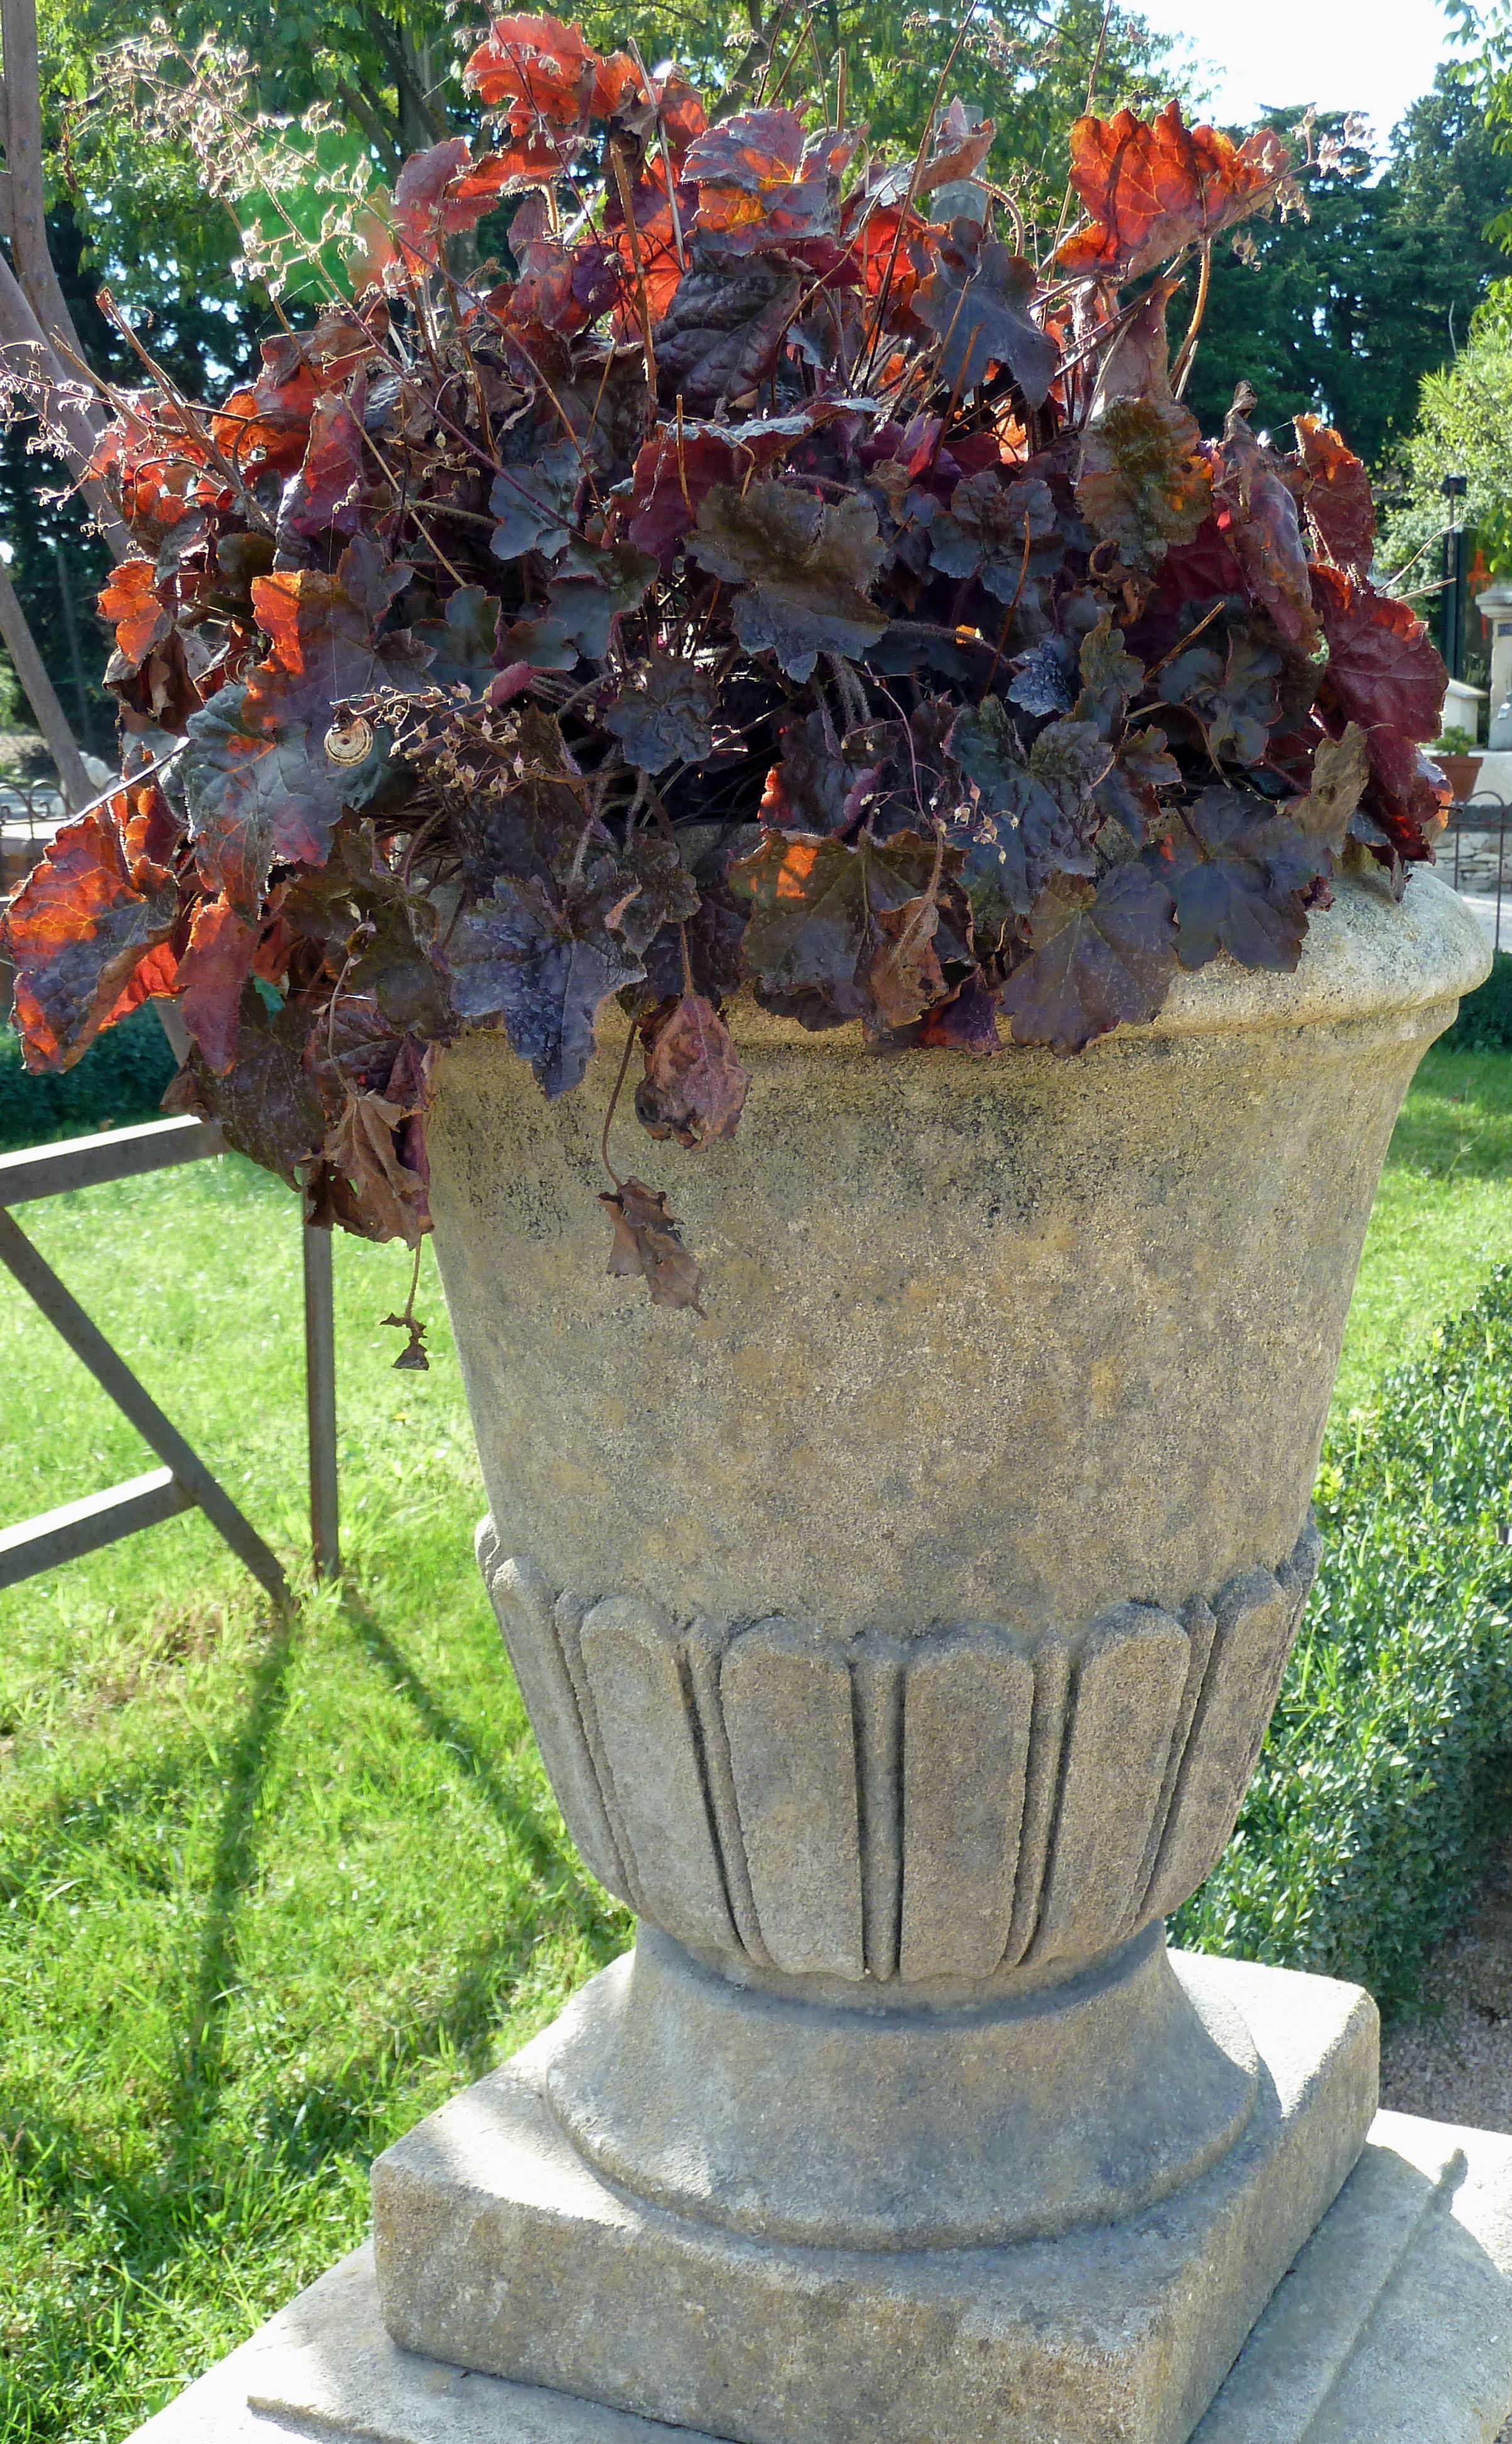 Pot Jardin Grande Taille de fabrication artisanale et française, ce vase en pierre